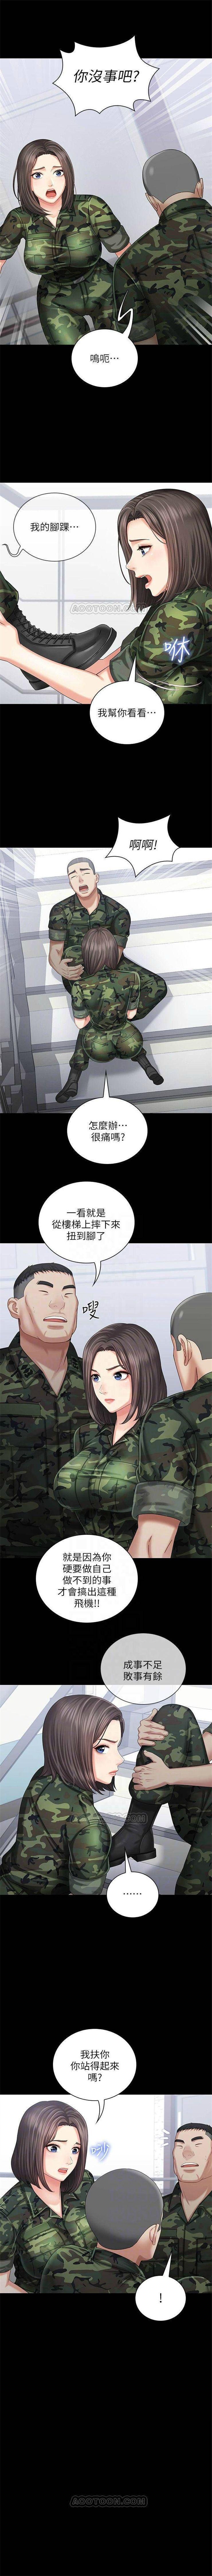 妹妹的義務 1-37 官方中文(連載中) 105